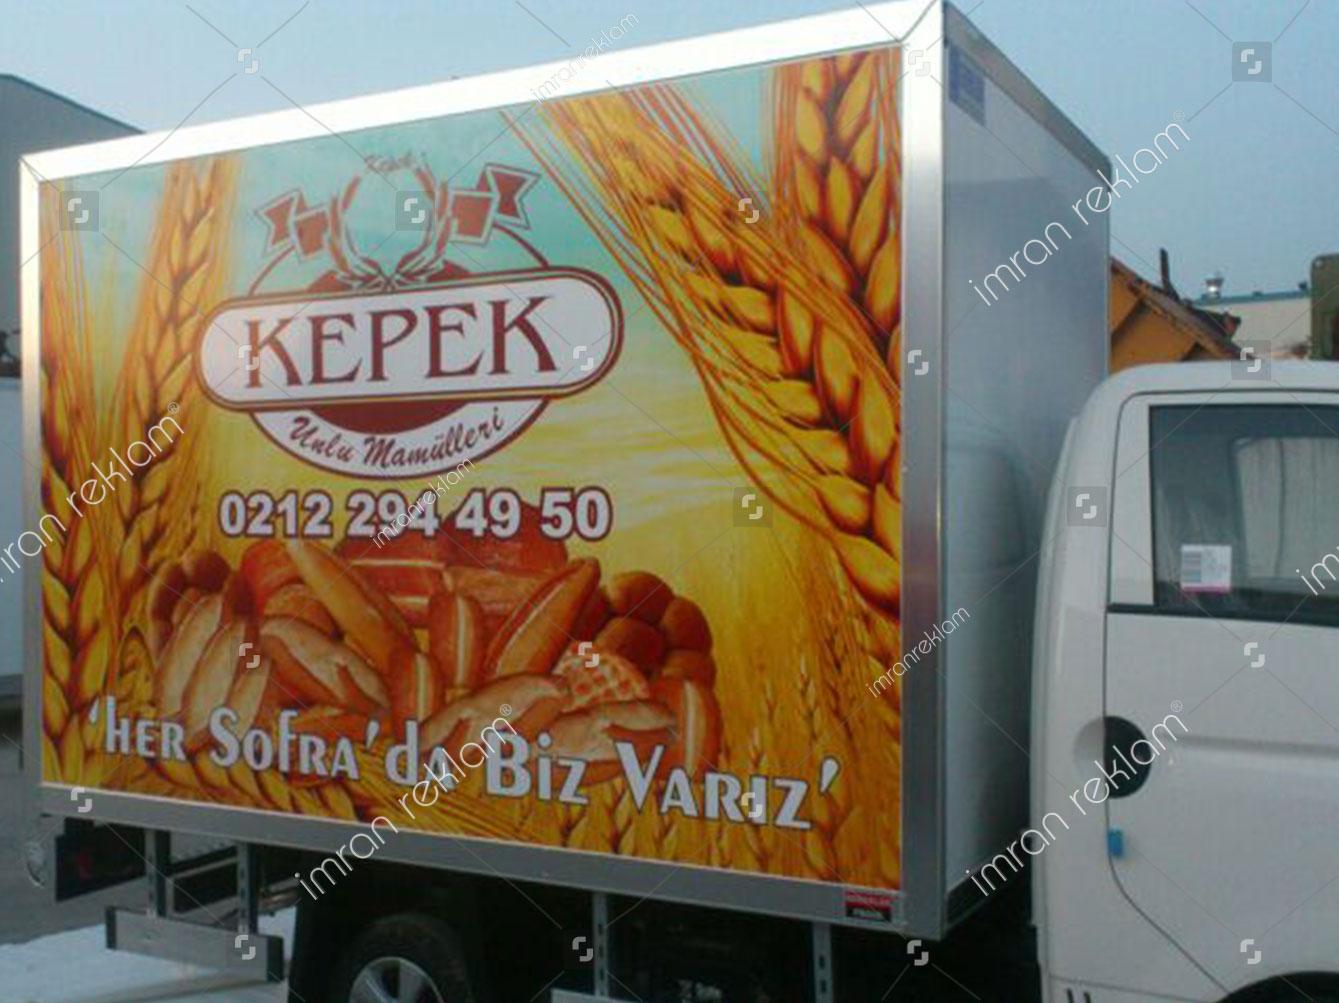 firin-kamyoneti-reklam-kaplama